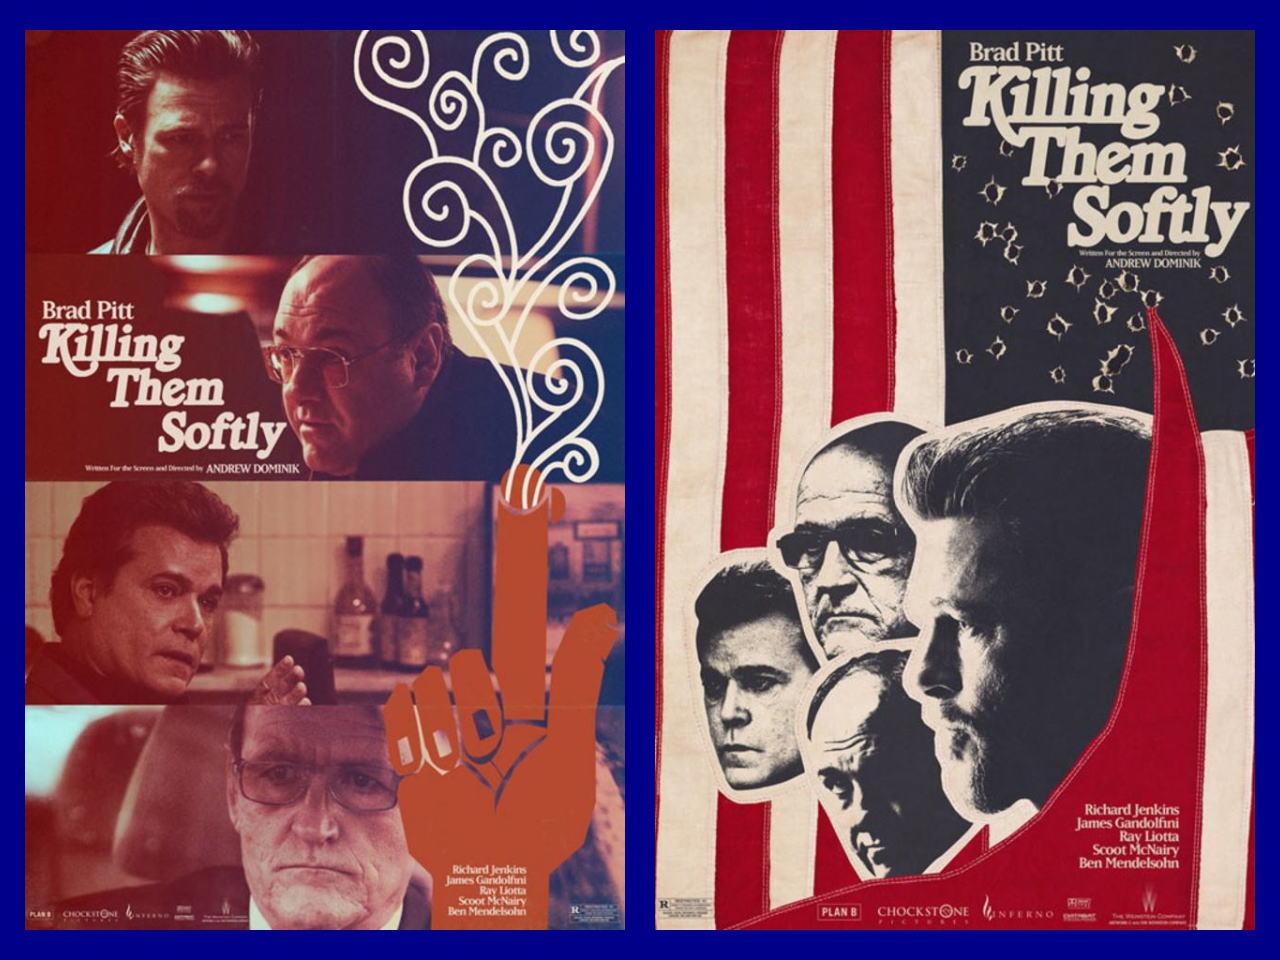 映画『ジャッキー・コーガン KILLING THEM SOFTLY』ポスター(6)▼ポスター画像クリックで拡大します。